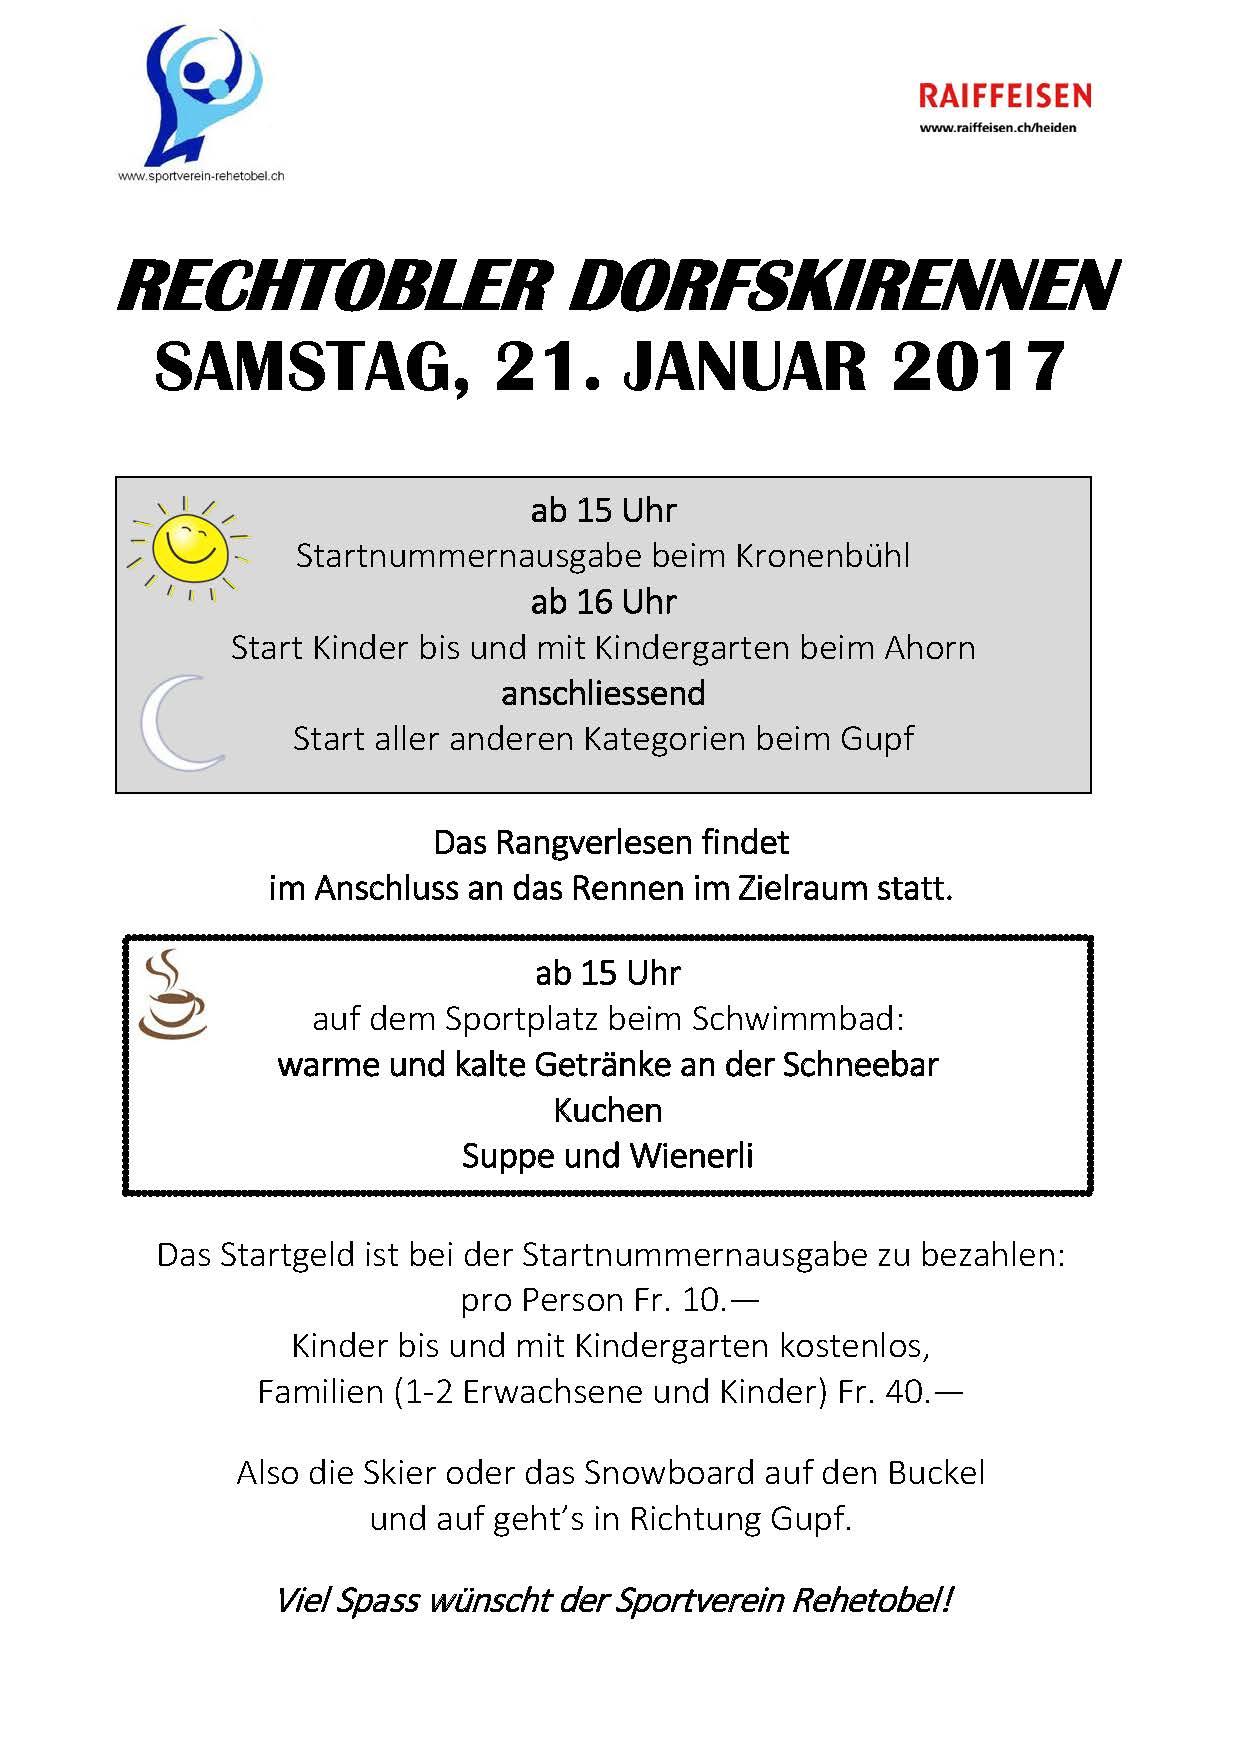 Rechtobler Dorfskirennen: Samstag, 21. Januar 2017, ab 15 Uhr